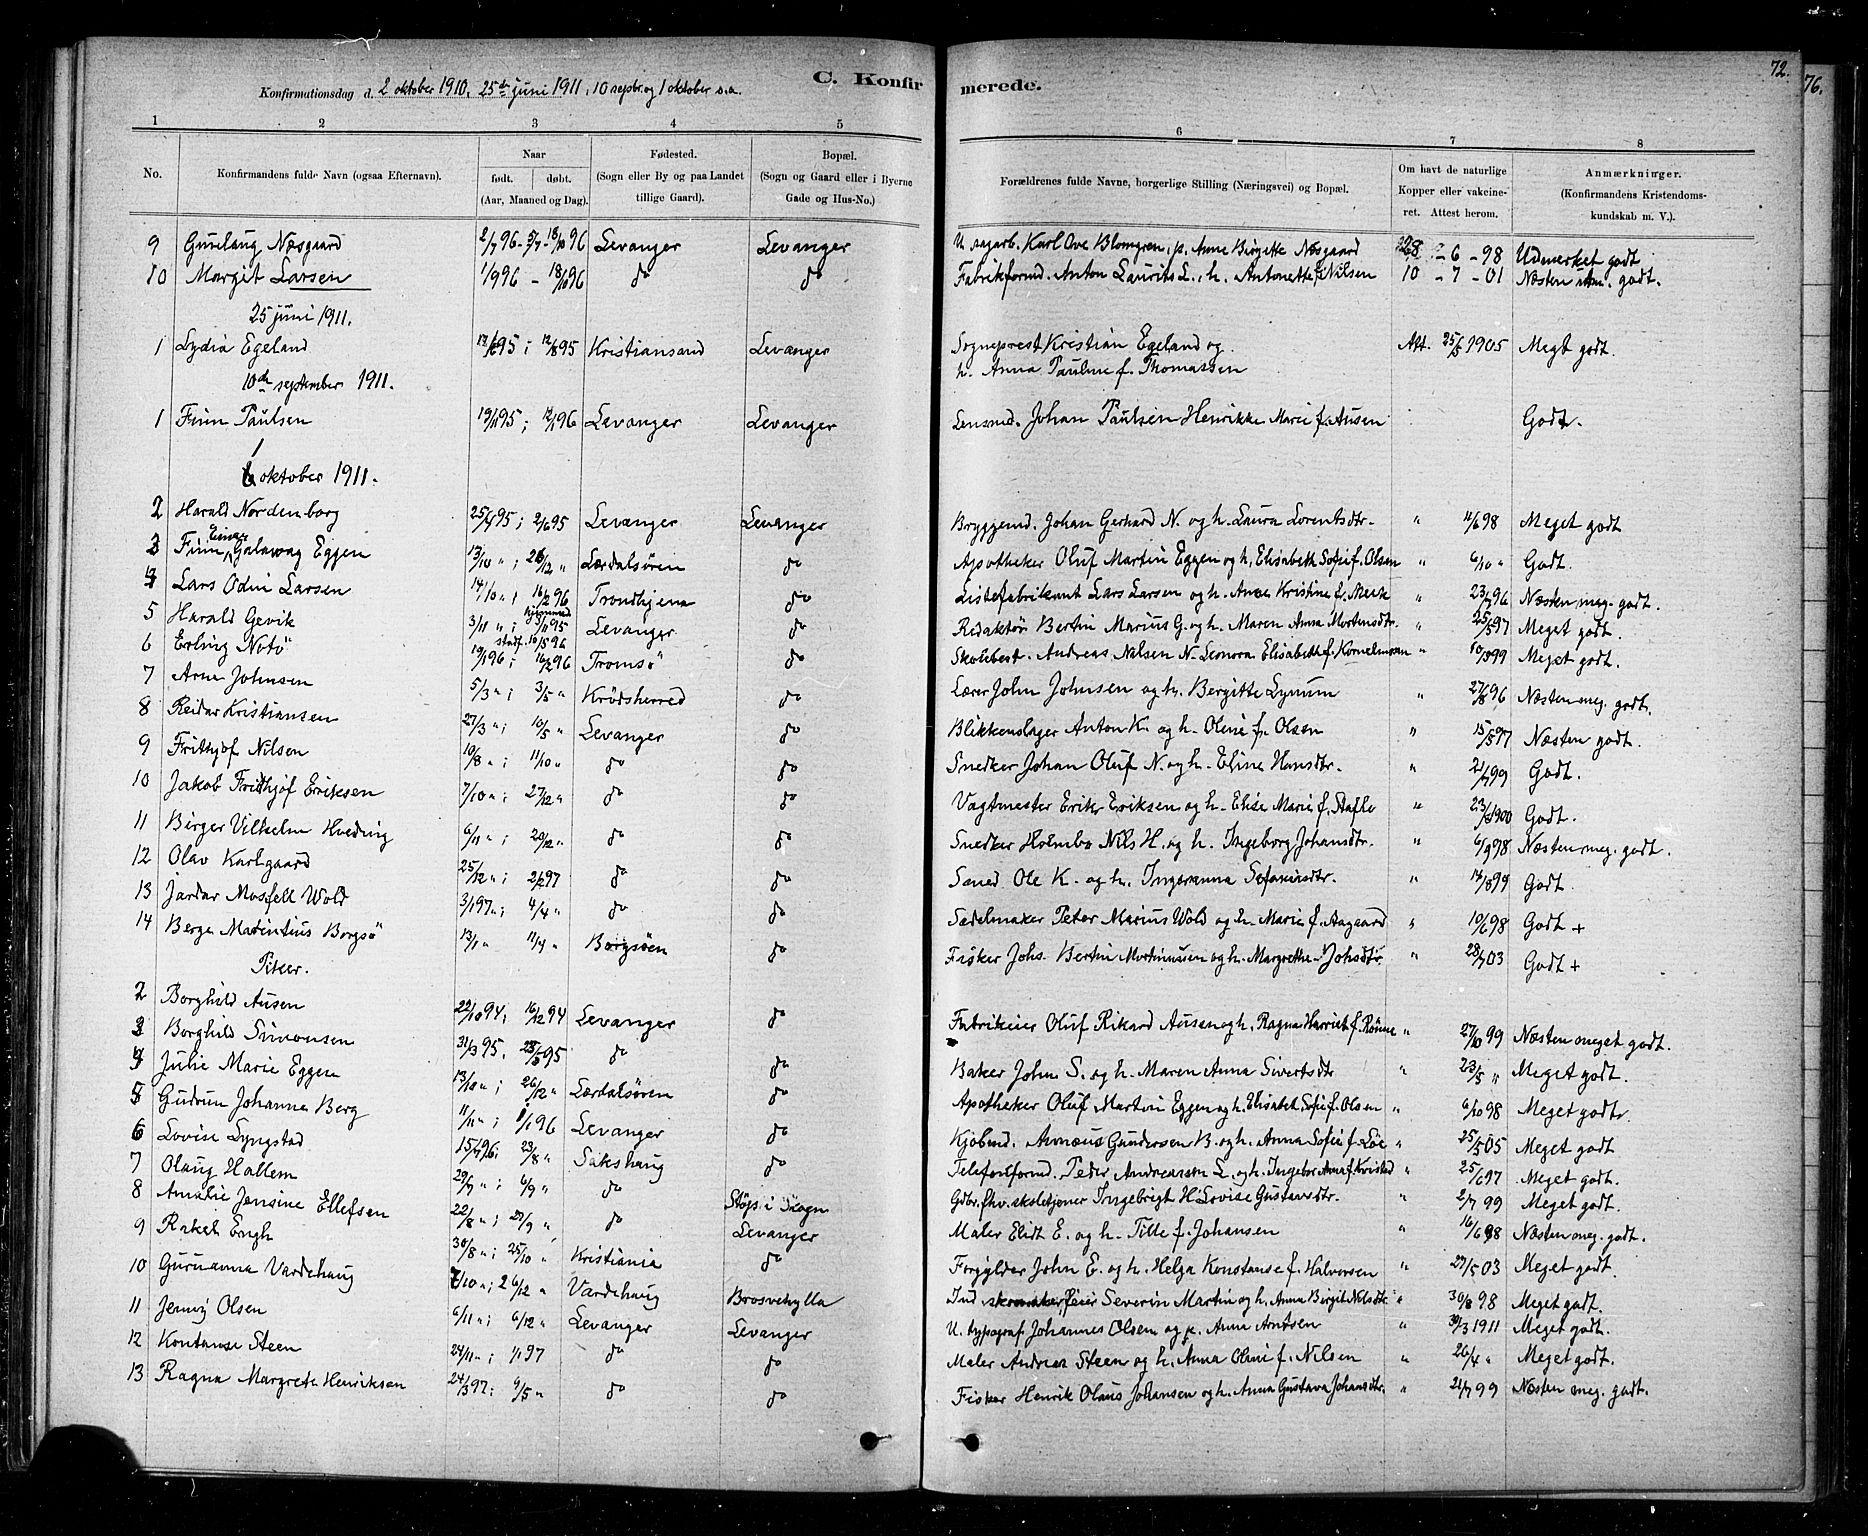 SAT, Ministerialprotokoller, klokkerbøker og fødselsregistre - Nord-Trøndelag, 720/L0192: Klokkerbok nr. 720C01, 1880-1917, s. 72